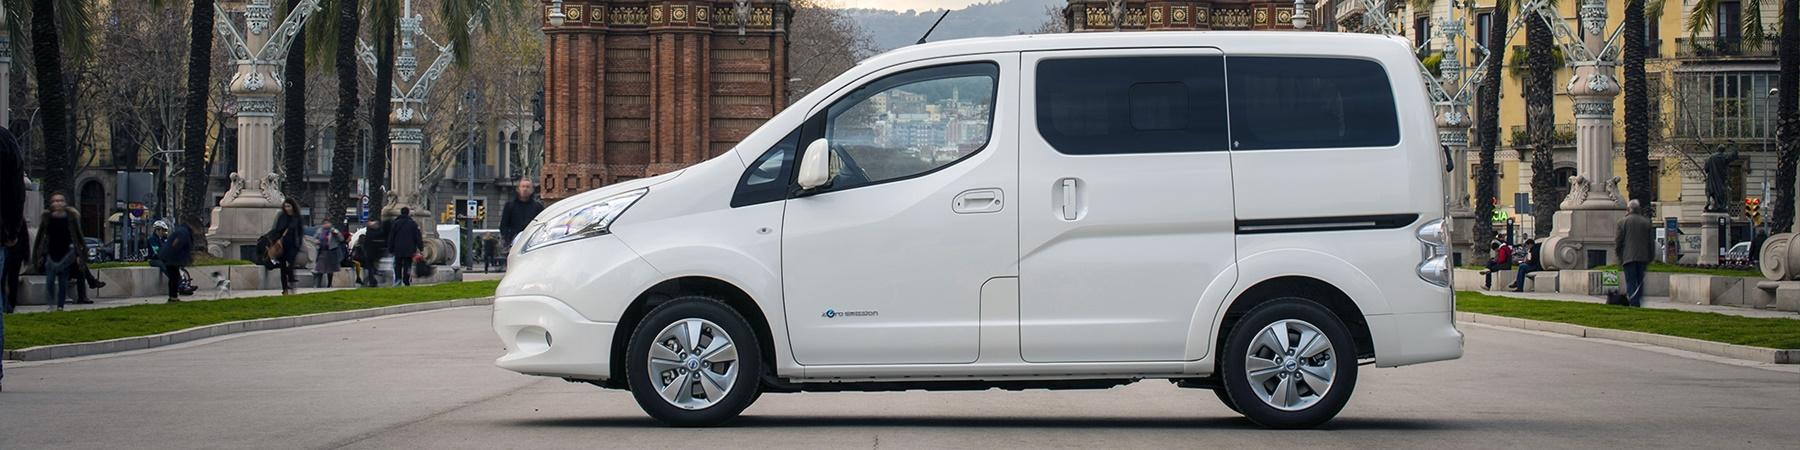 Nissan NV200 Evalia 40kWh 170 km actieradius